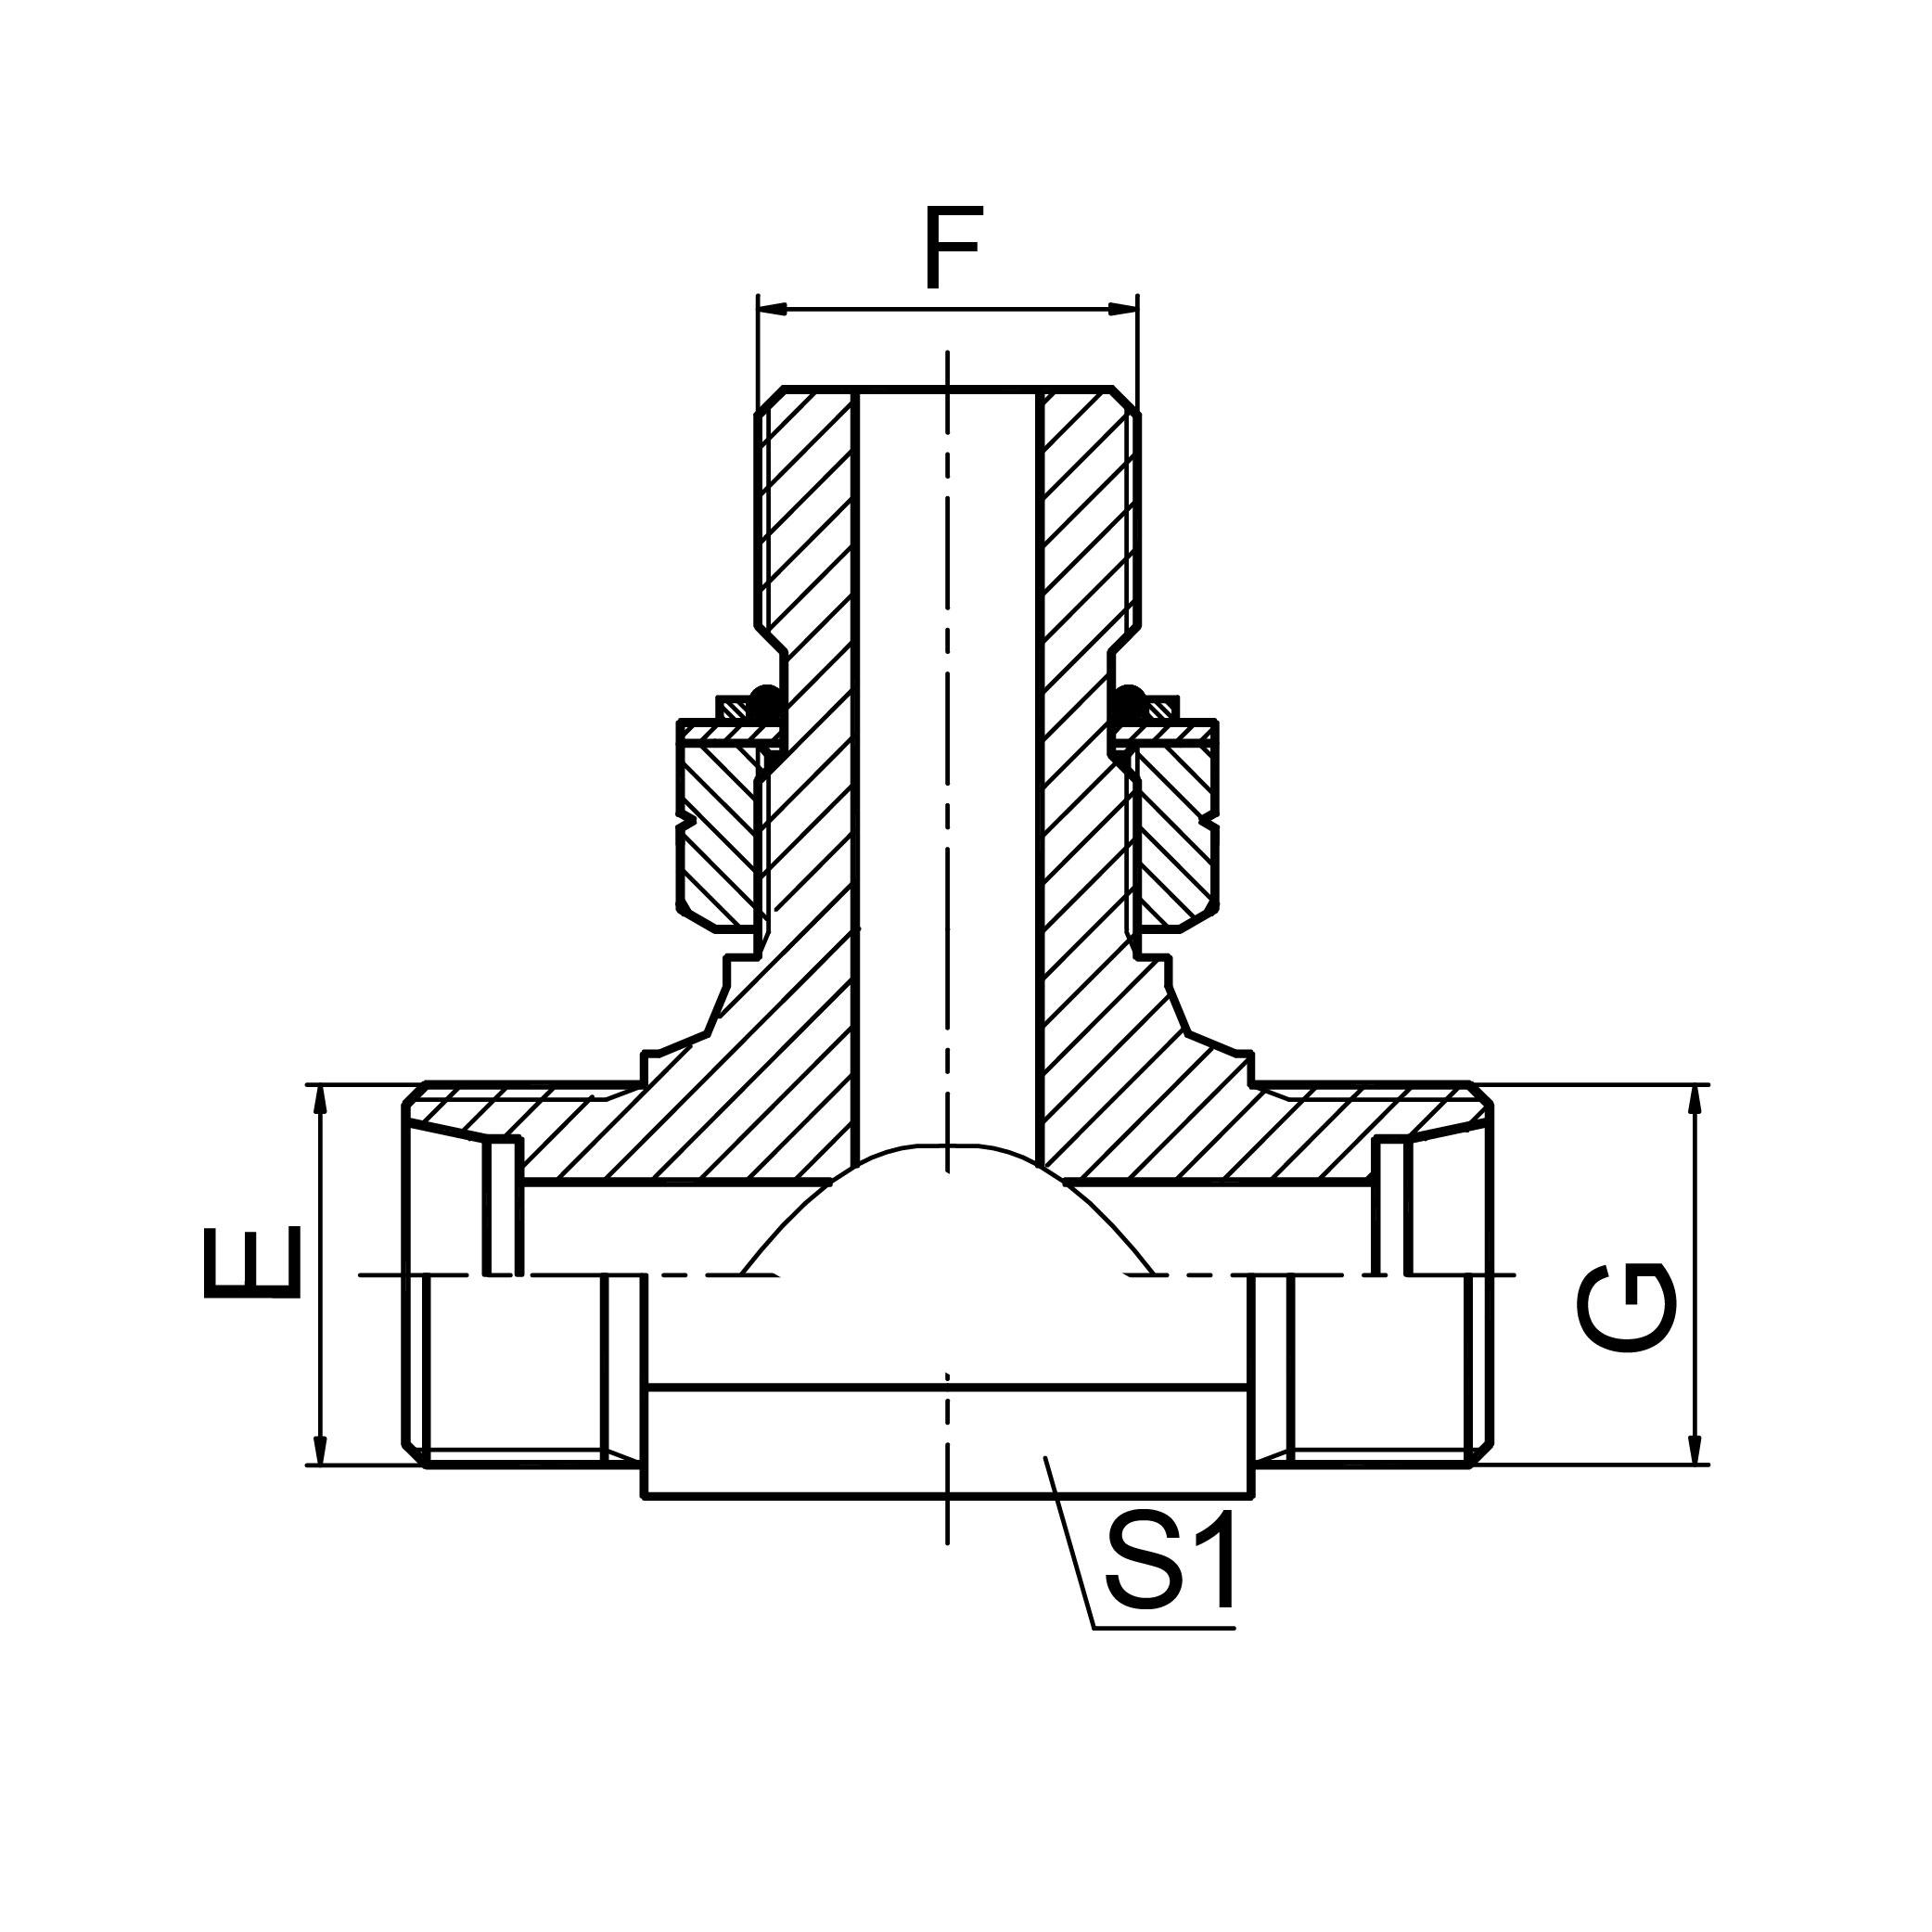 公制外螺纹24°锥 /公制外螺纹可调向柱端ISO 6149 分支三通 ACHC-OG/ADHD-OG